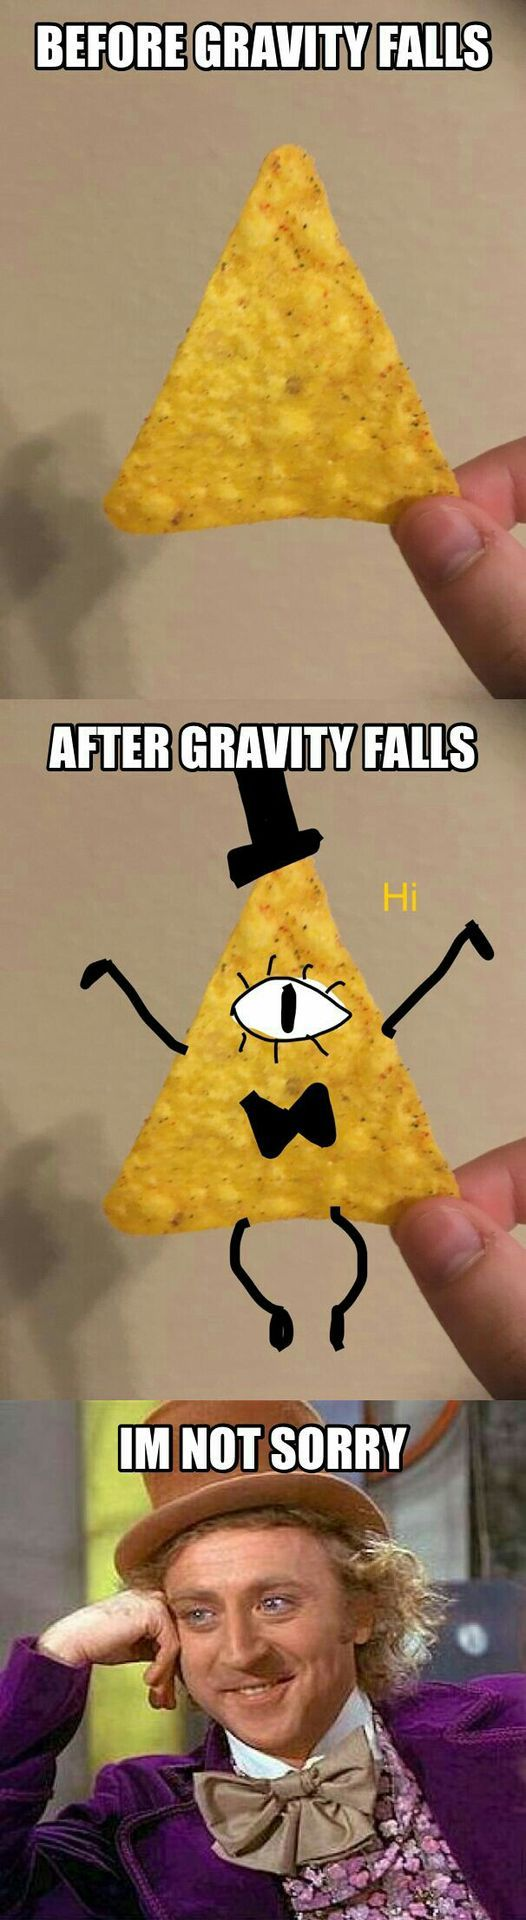 Random Memes #fallmemes